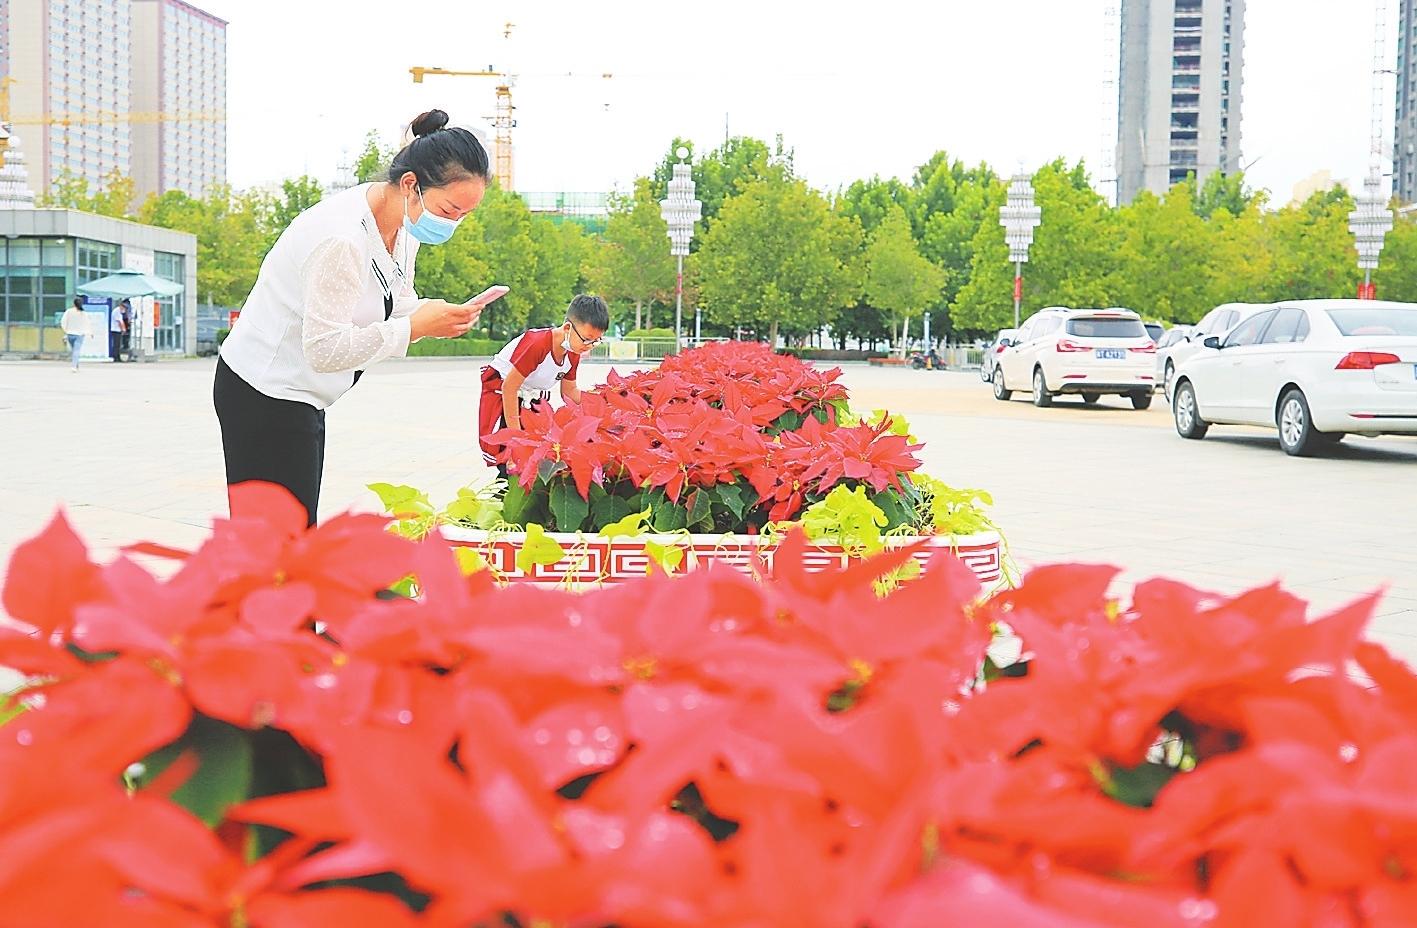 景观花箱成为市区一道靓丽的风景线